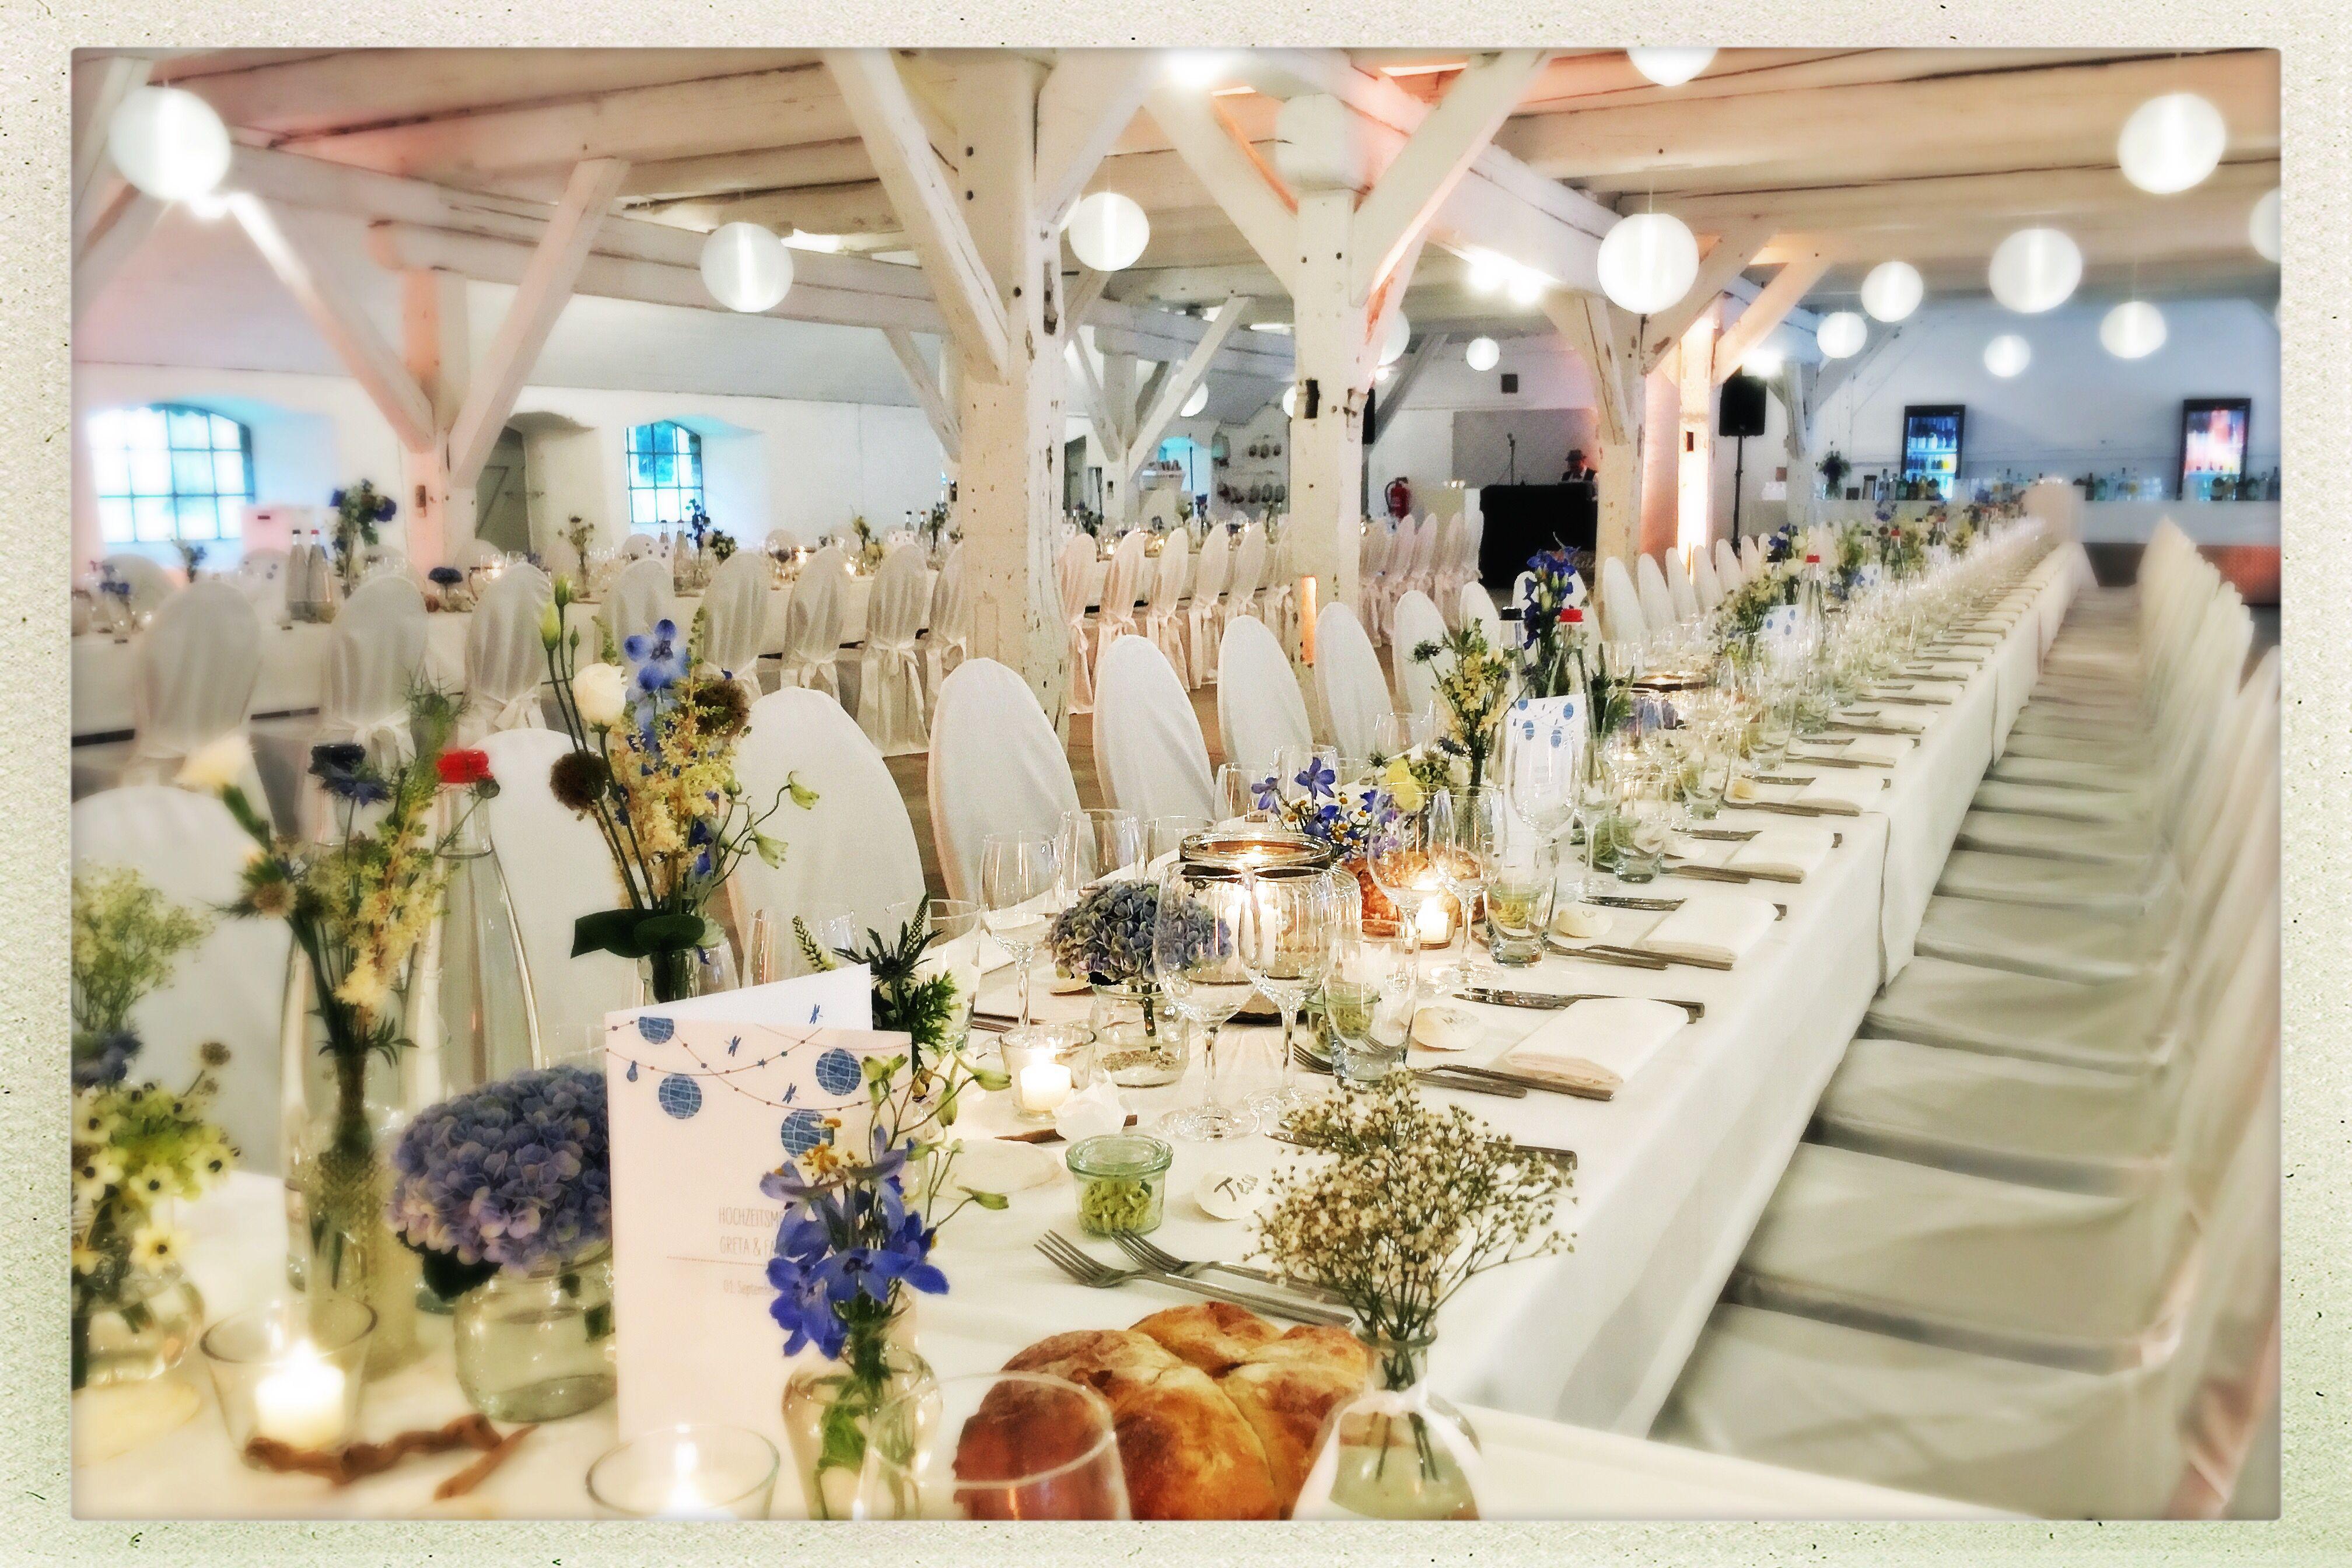 Hochzeitstafel In Weiss Mit Einem Hauch Blau Dekoration Hochzeit Dekoration Hochzeitstafel